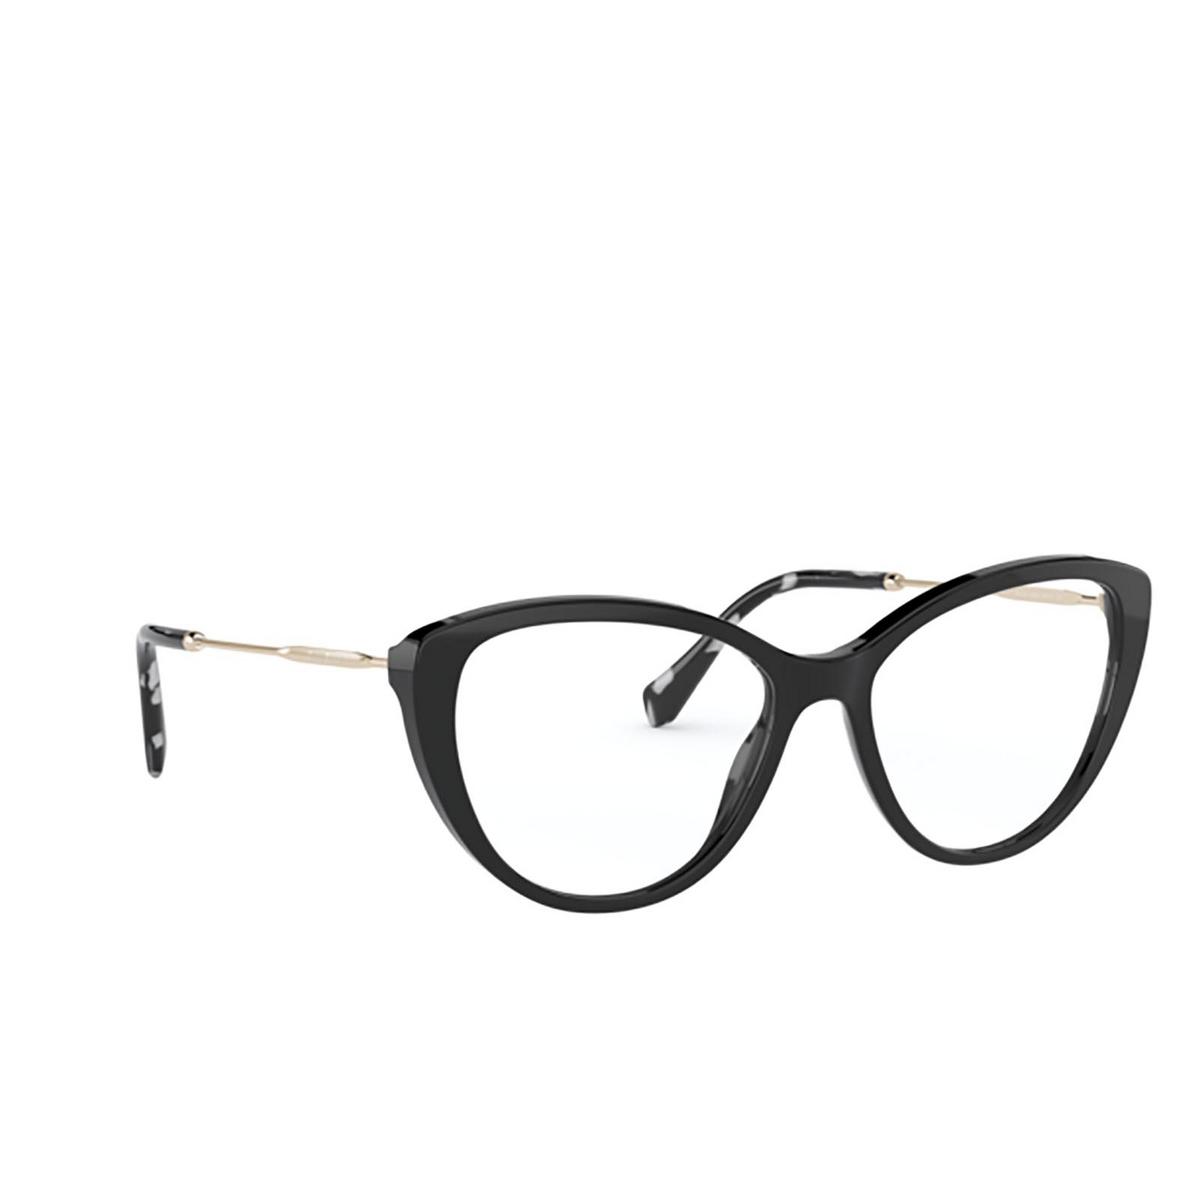 Miu Miu® Cat-eye Eyeglasses: MU 02SV color 1AB1O1 - three-quarters view.